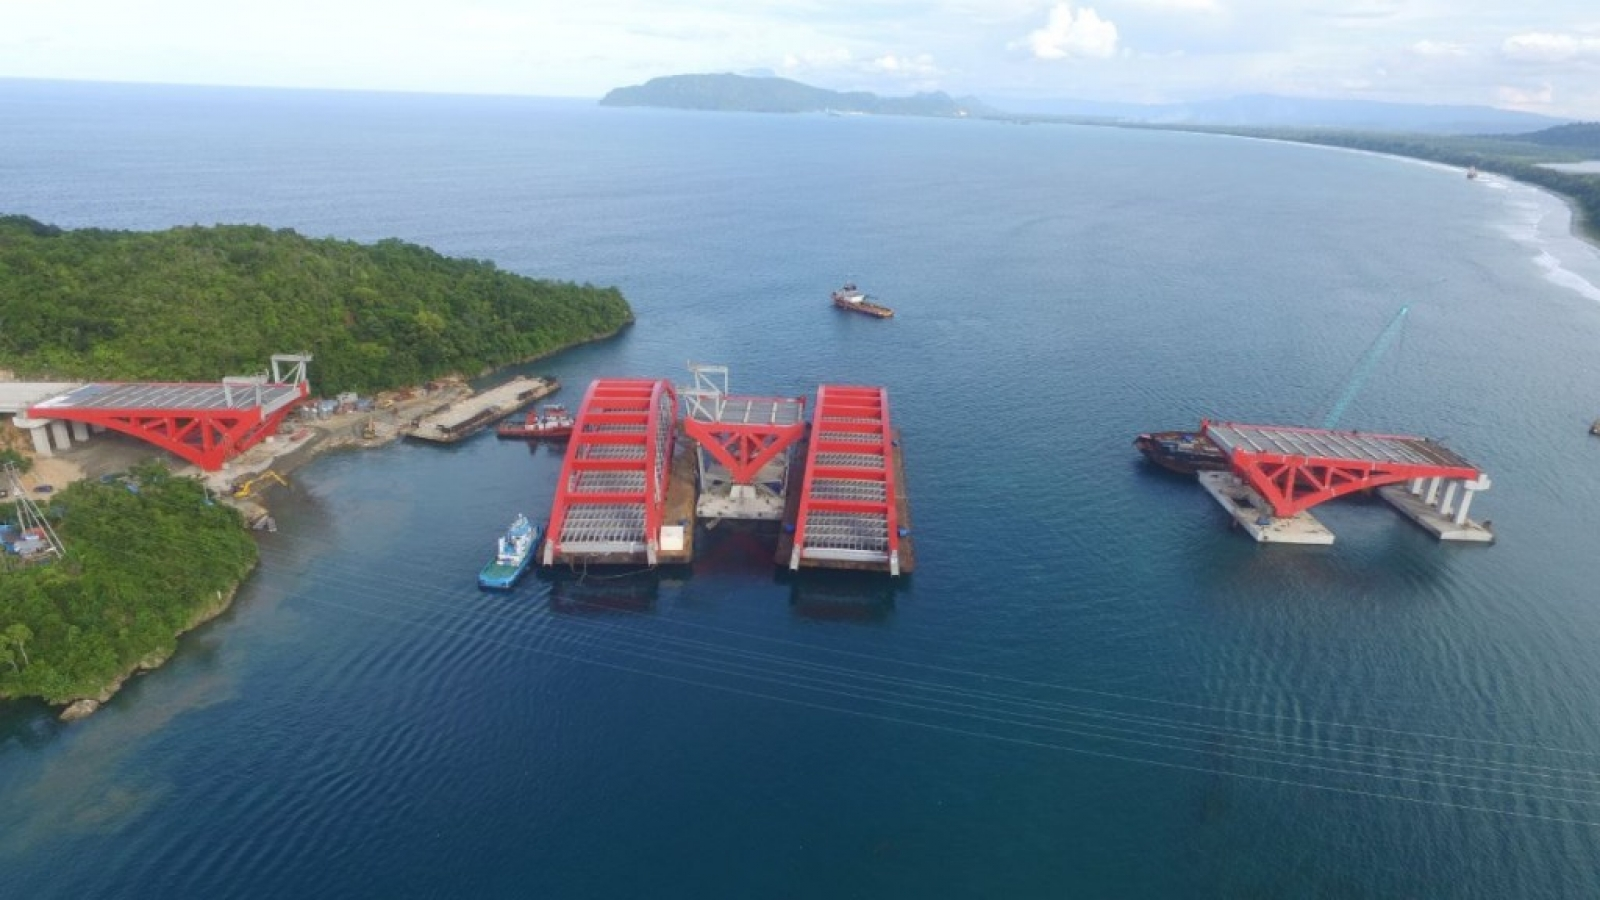 Tengah Jembatan Holtekamp Jayapura Segera Dipasang Bentang Pantai Hotelkamp Kab